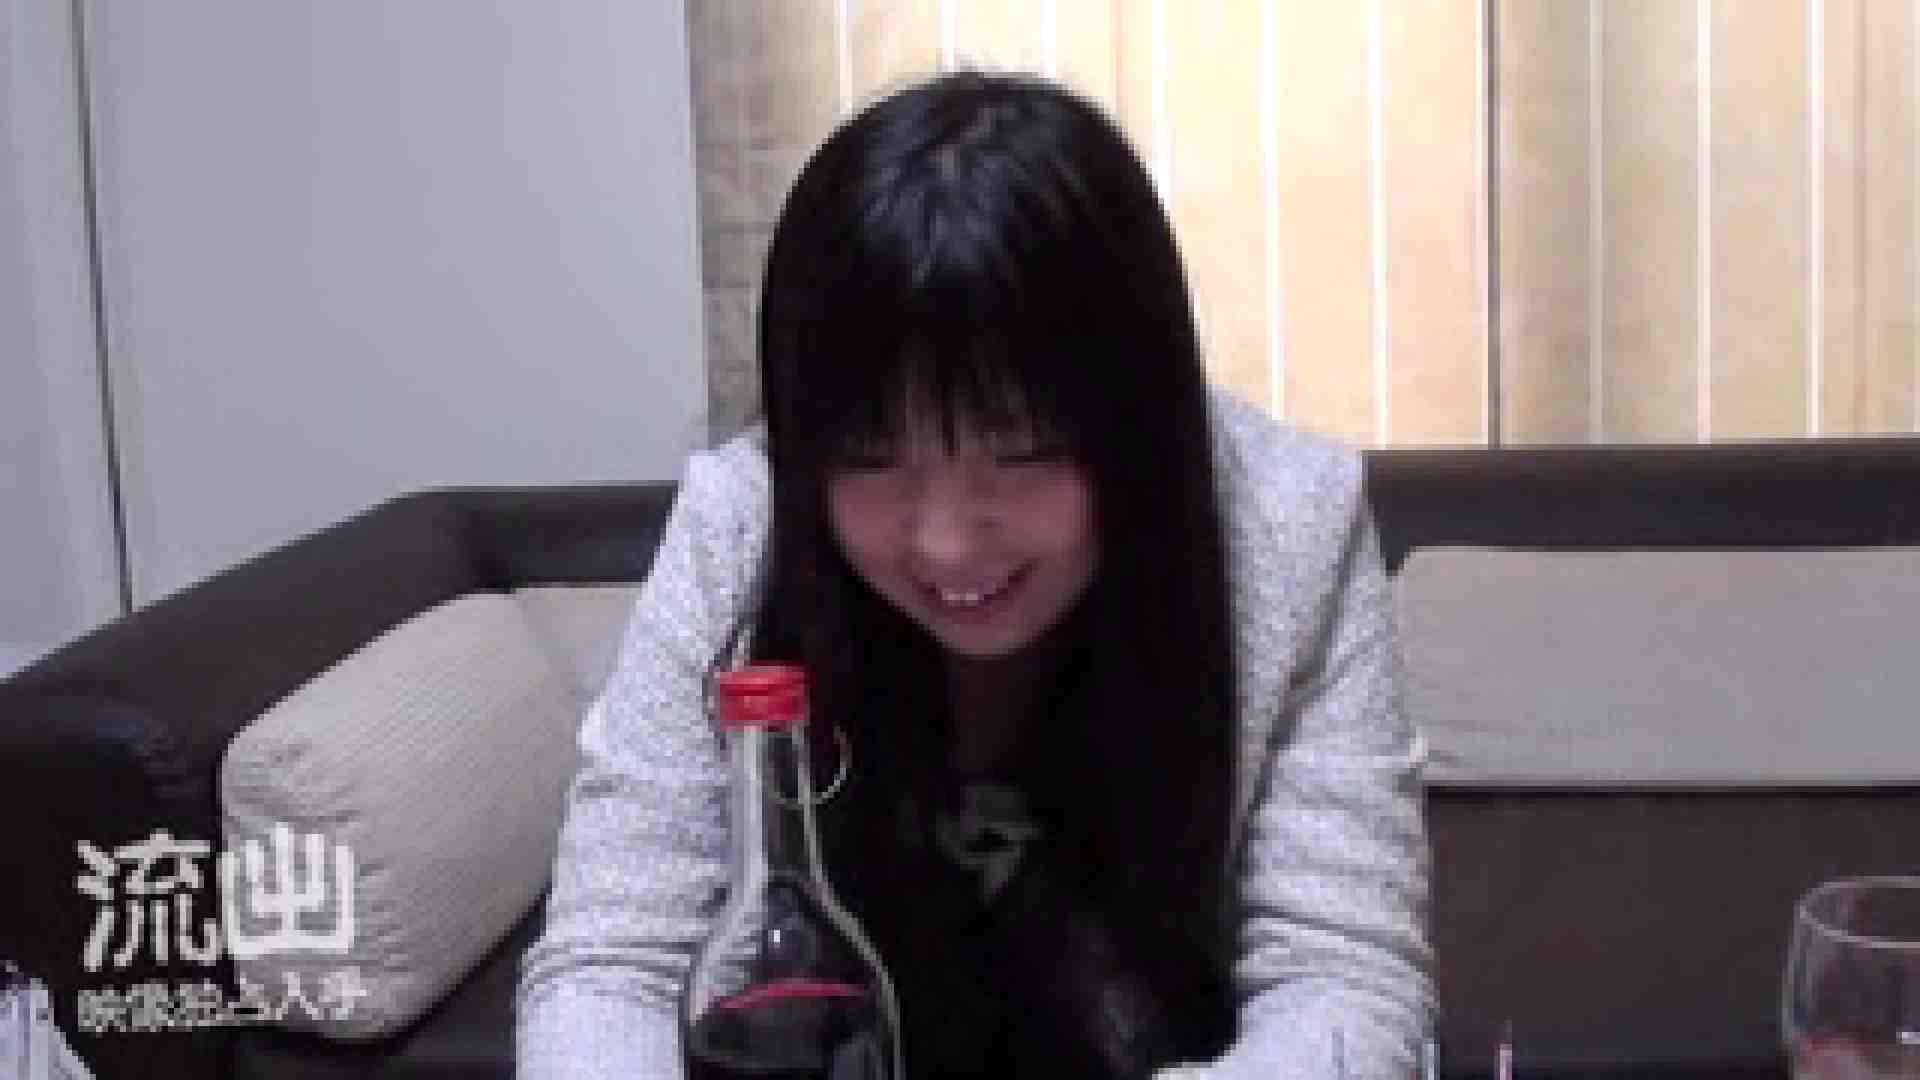 素人流出動画 都内在住マモルくんのファイル 投稿映像 | 素人のぞき  57pic 51